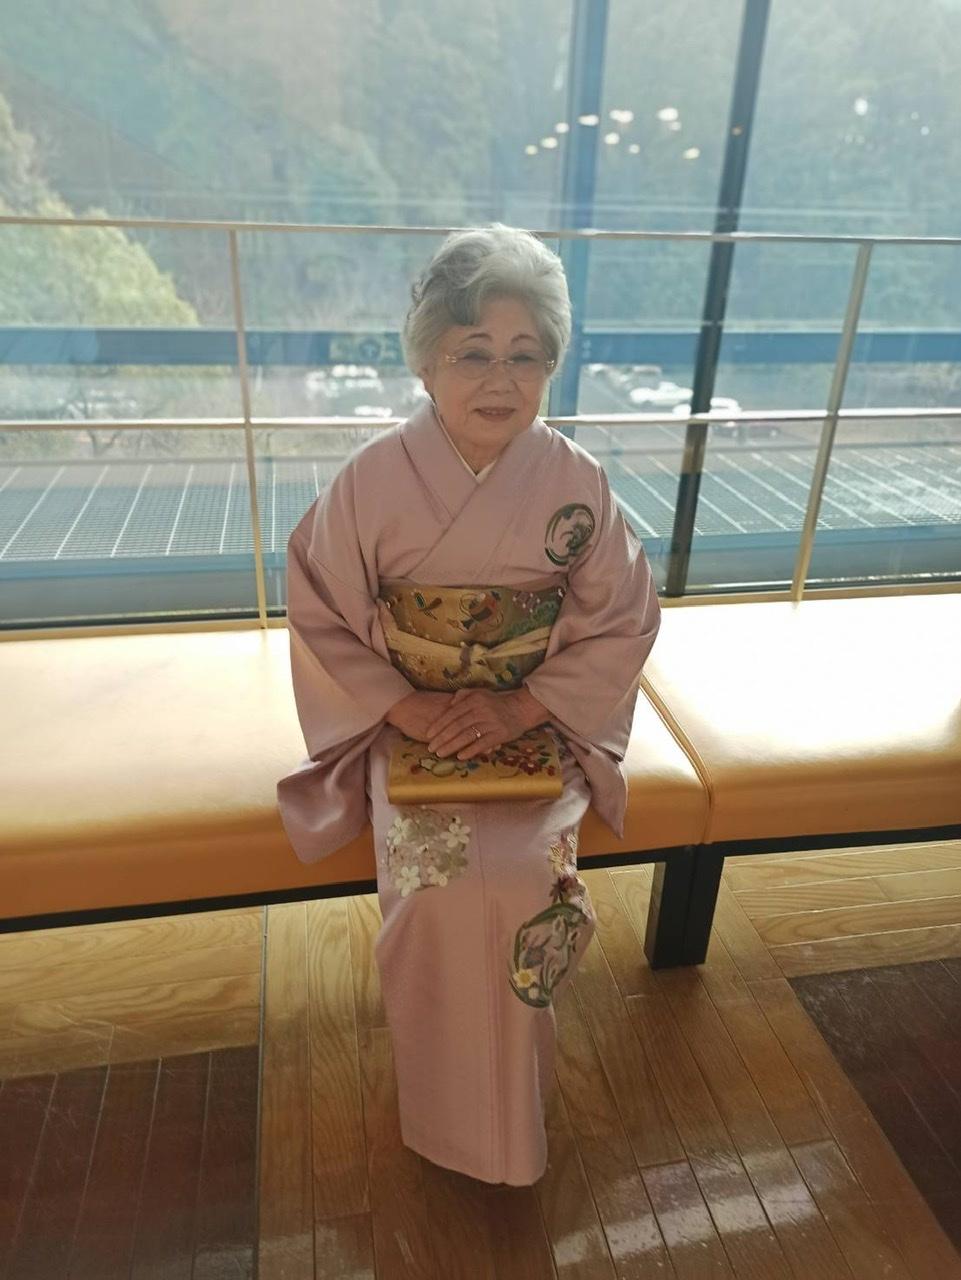 伝えて行きたい日本伝統の美《美知子お義母さんの日本刺繍》_a0157409_07240342.jpeg